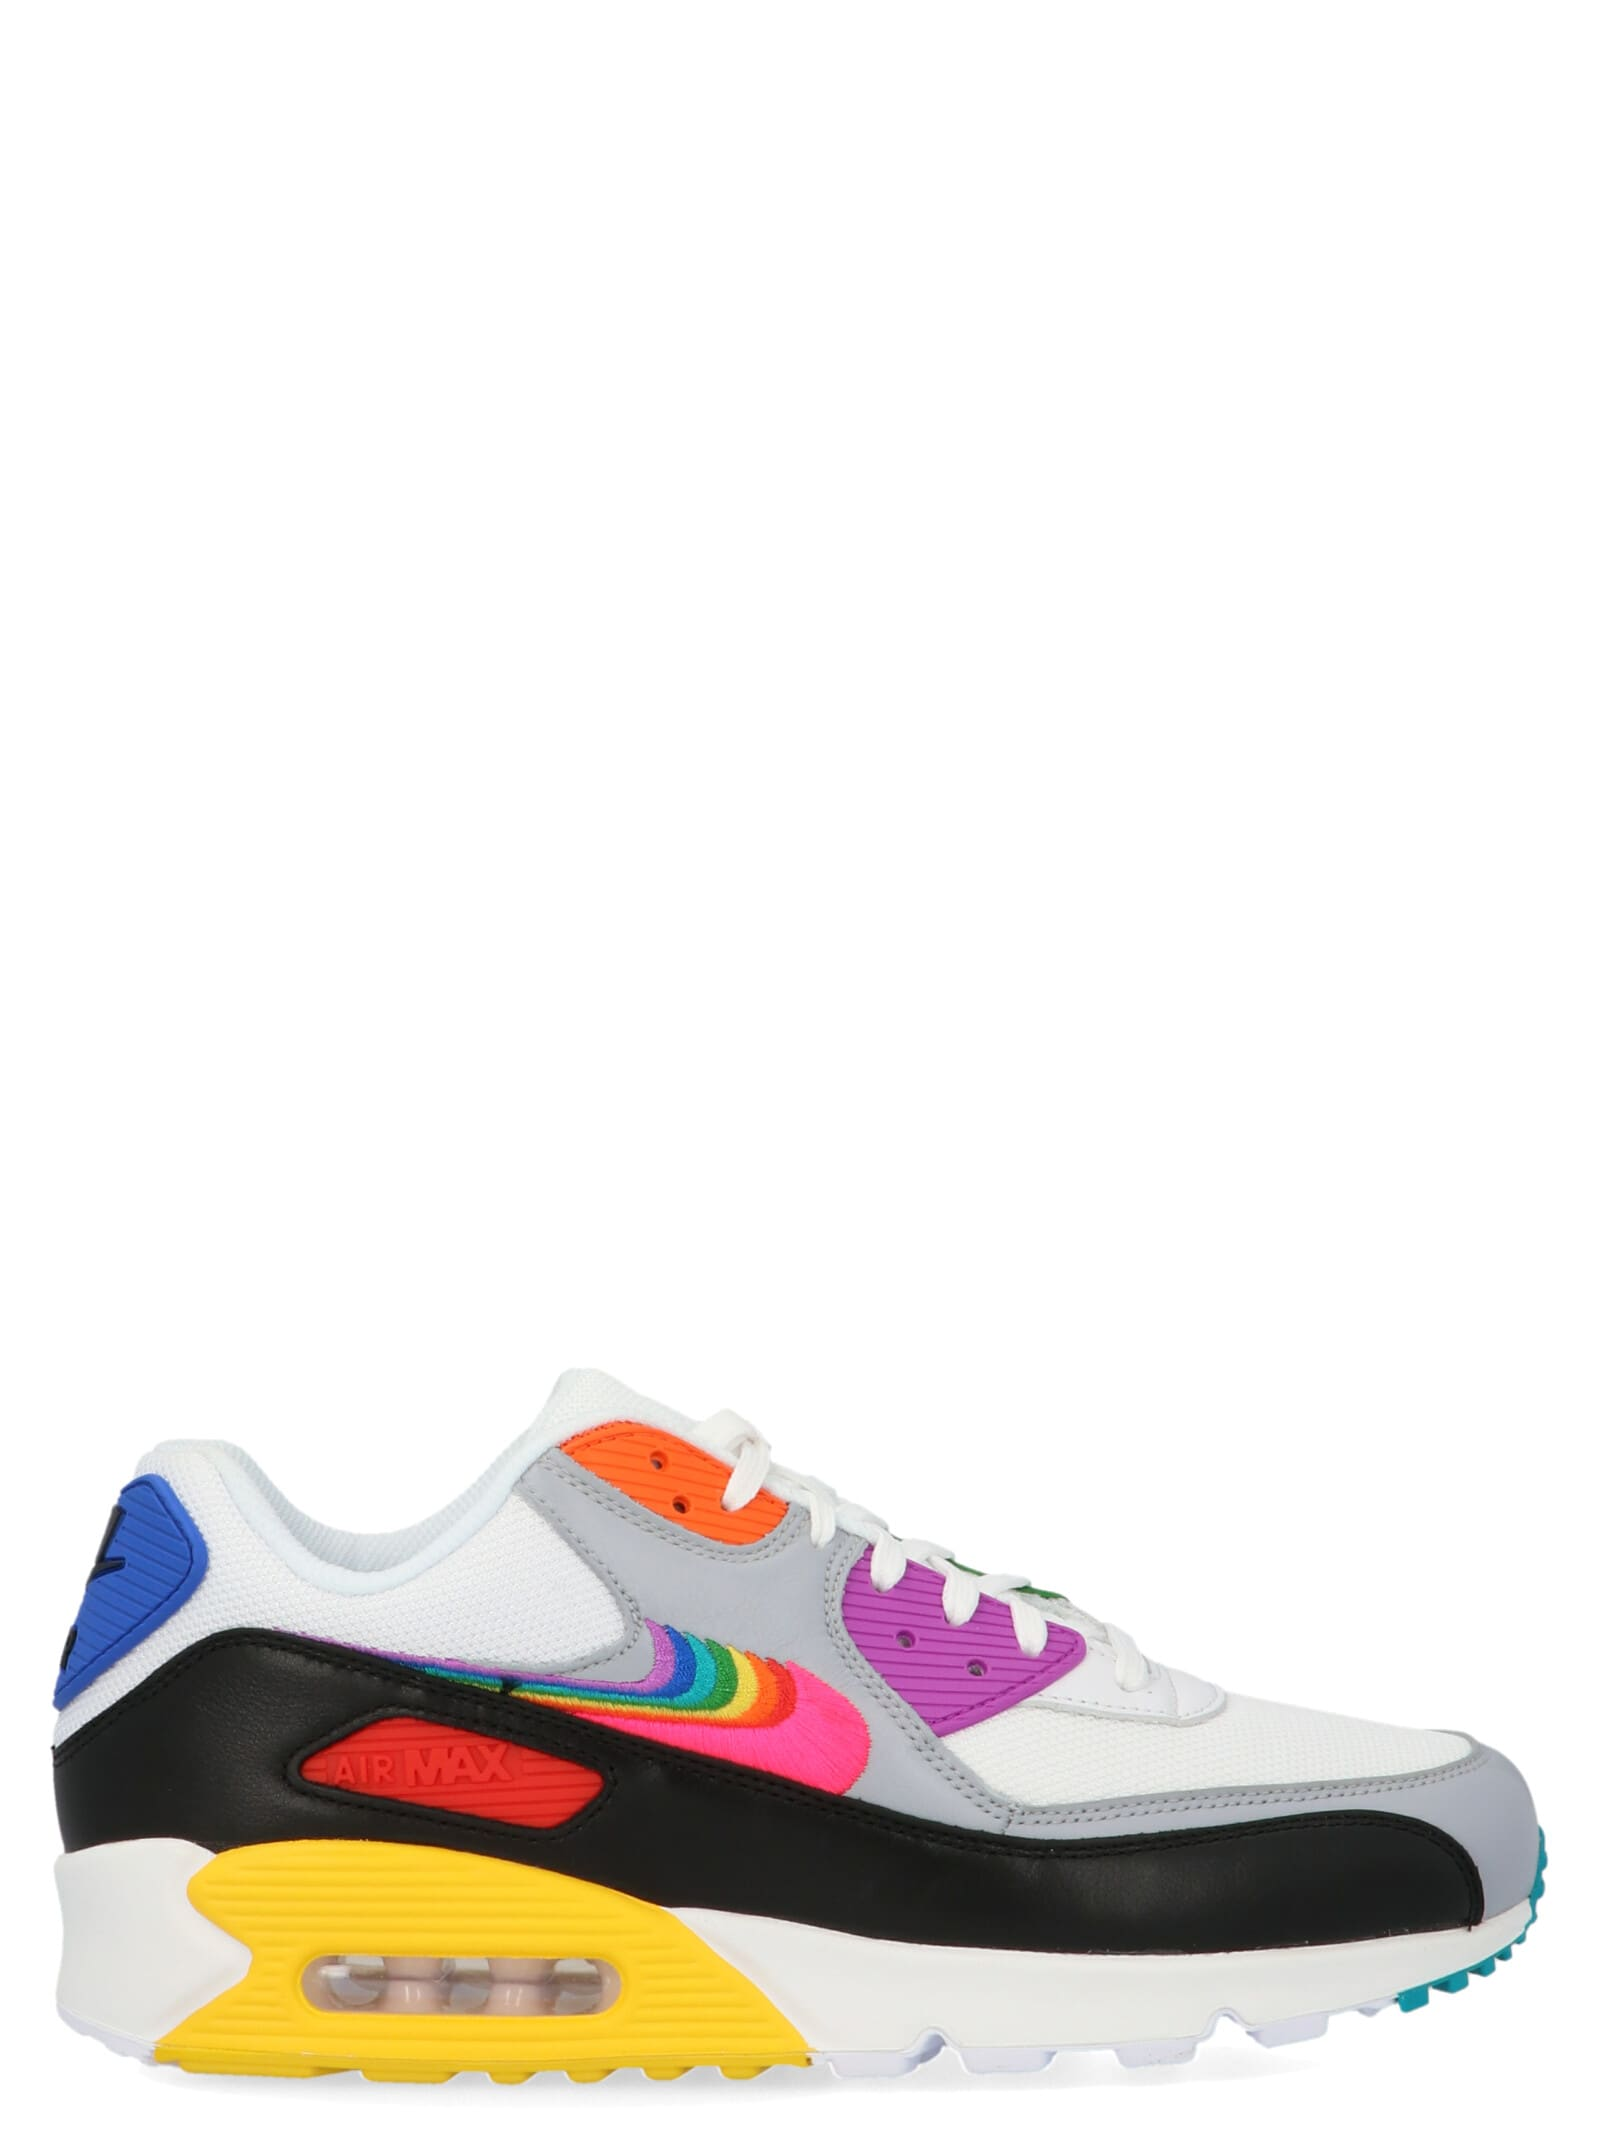 Cheap Nike Air Max 90